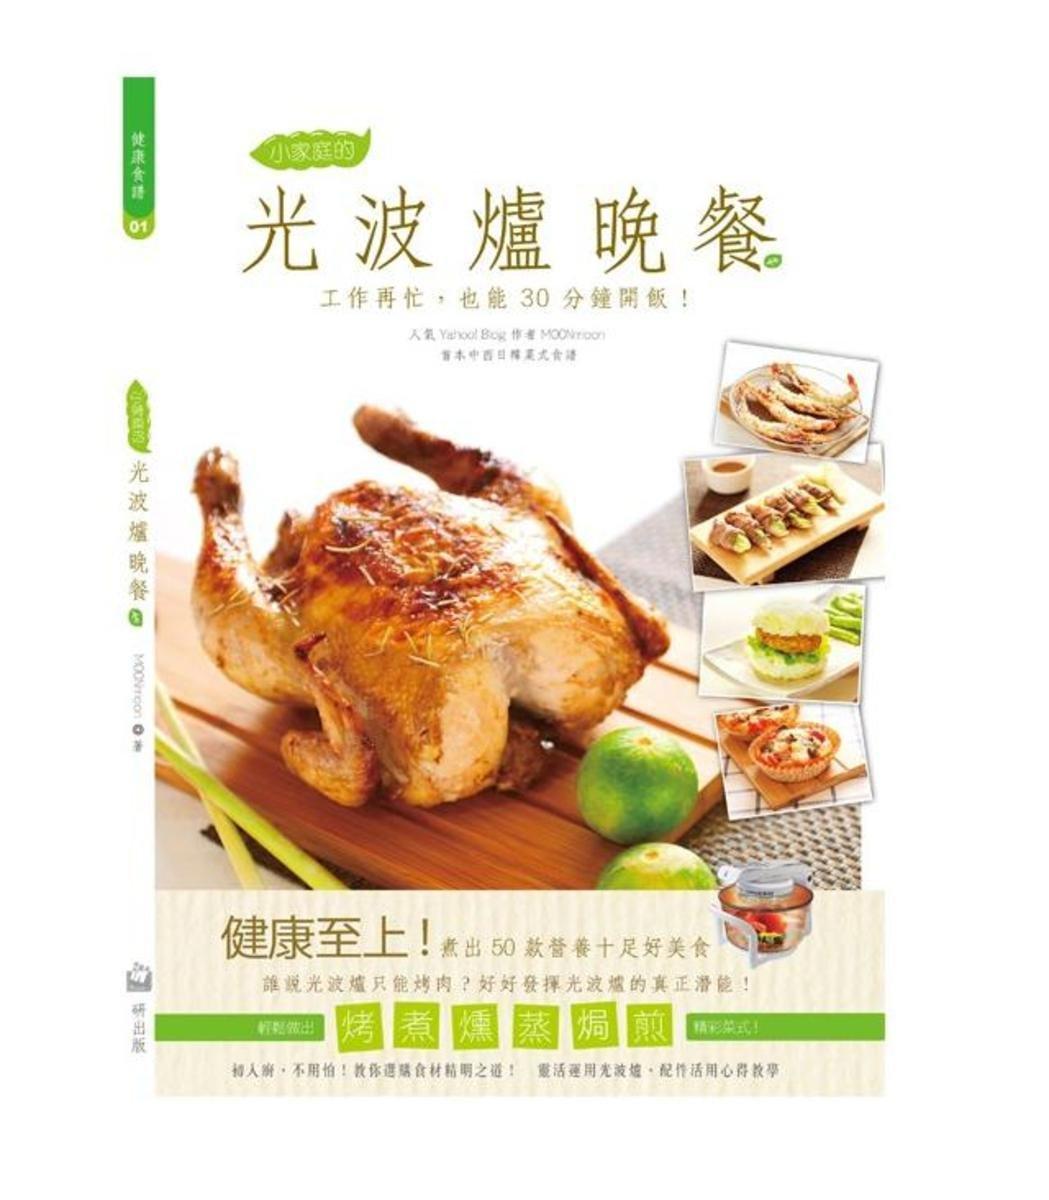 《小家庭的光波爐晚餐》烹飪書